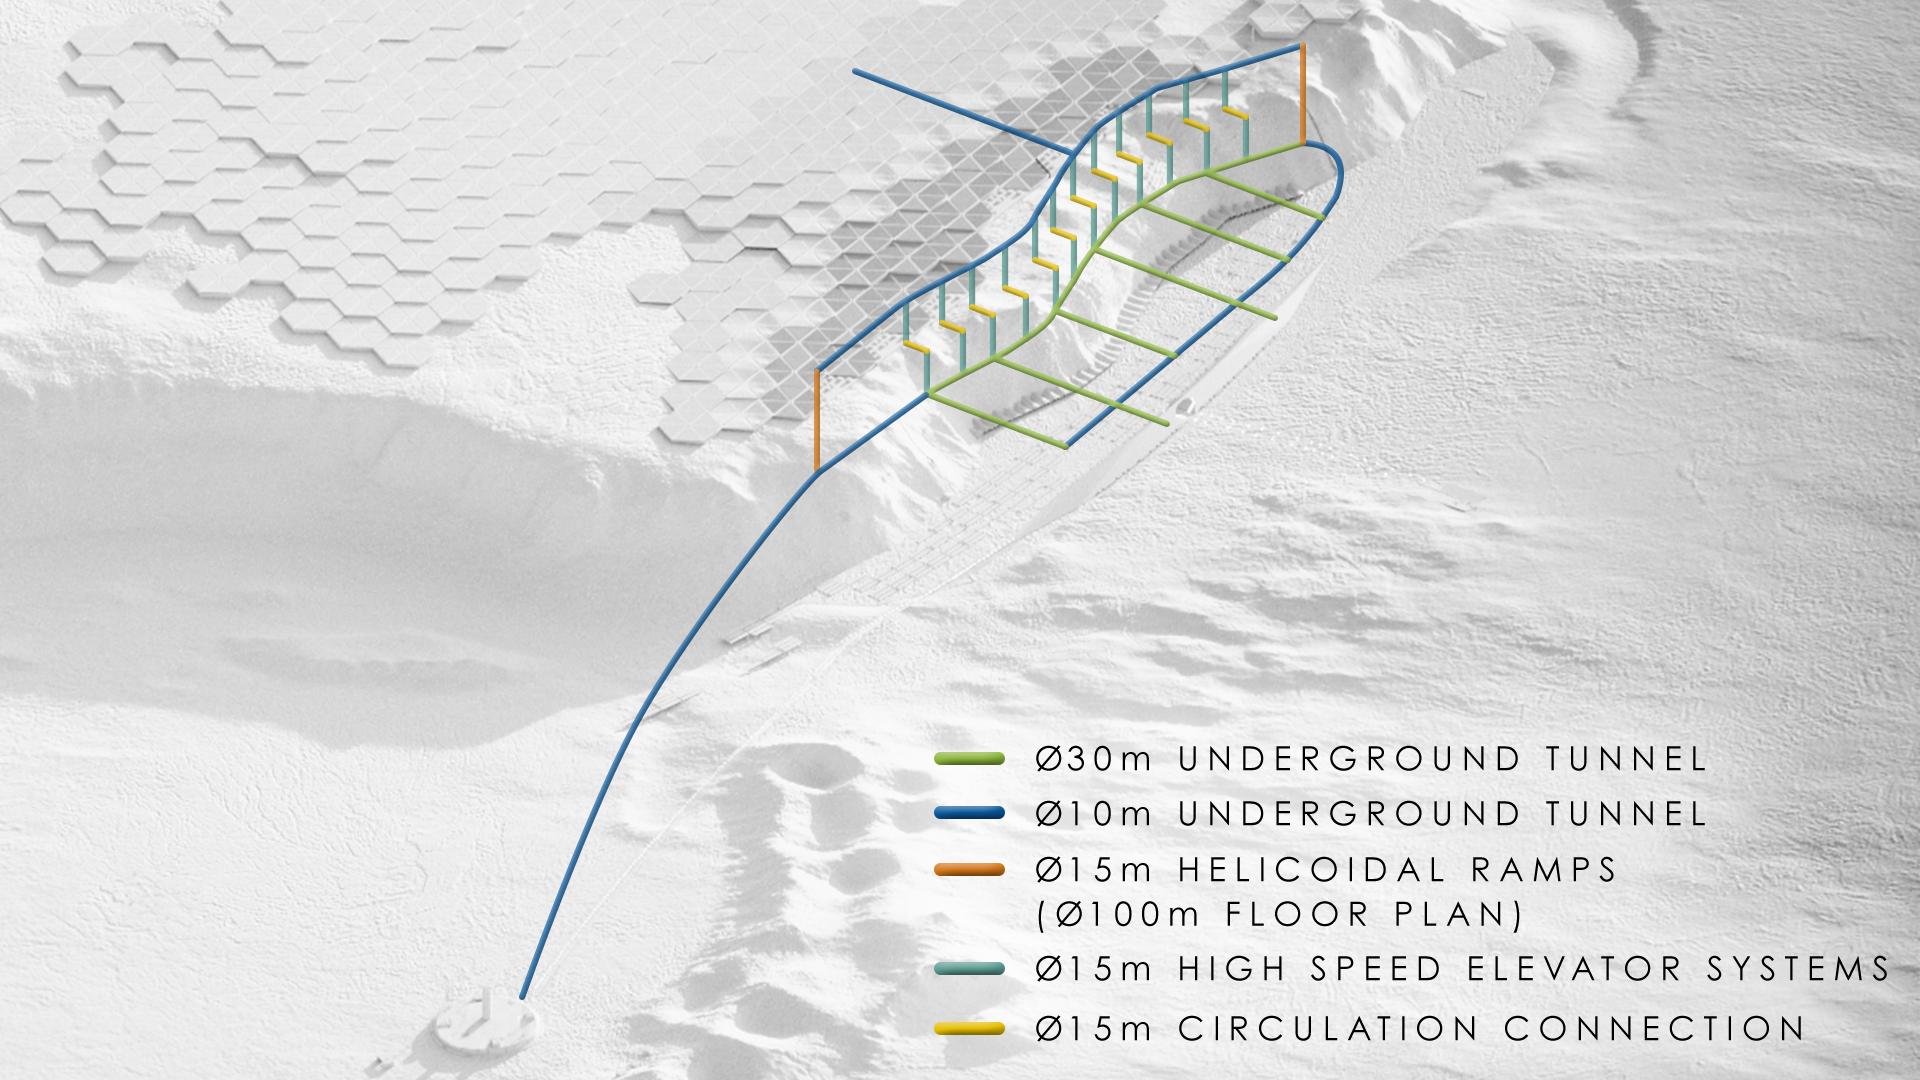 ABIBOO_Nuwa Z-Diagram_Tunnels diagram